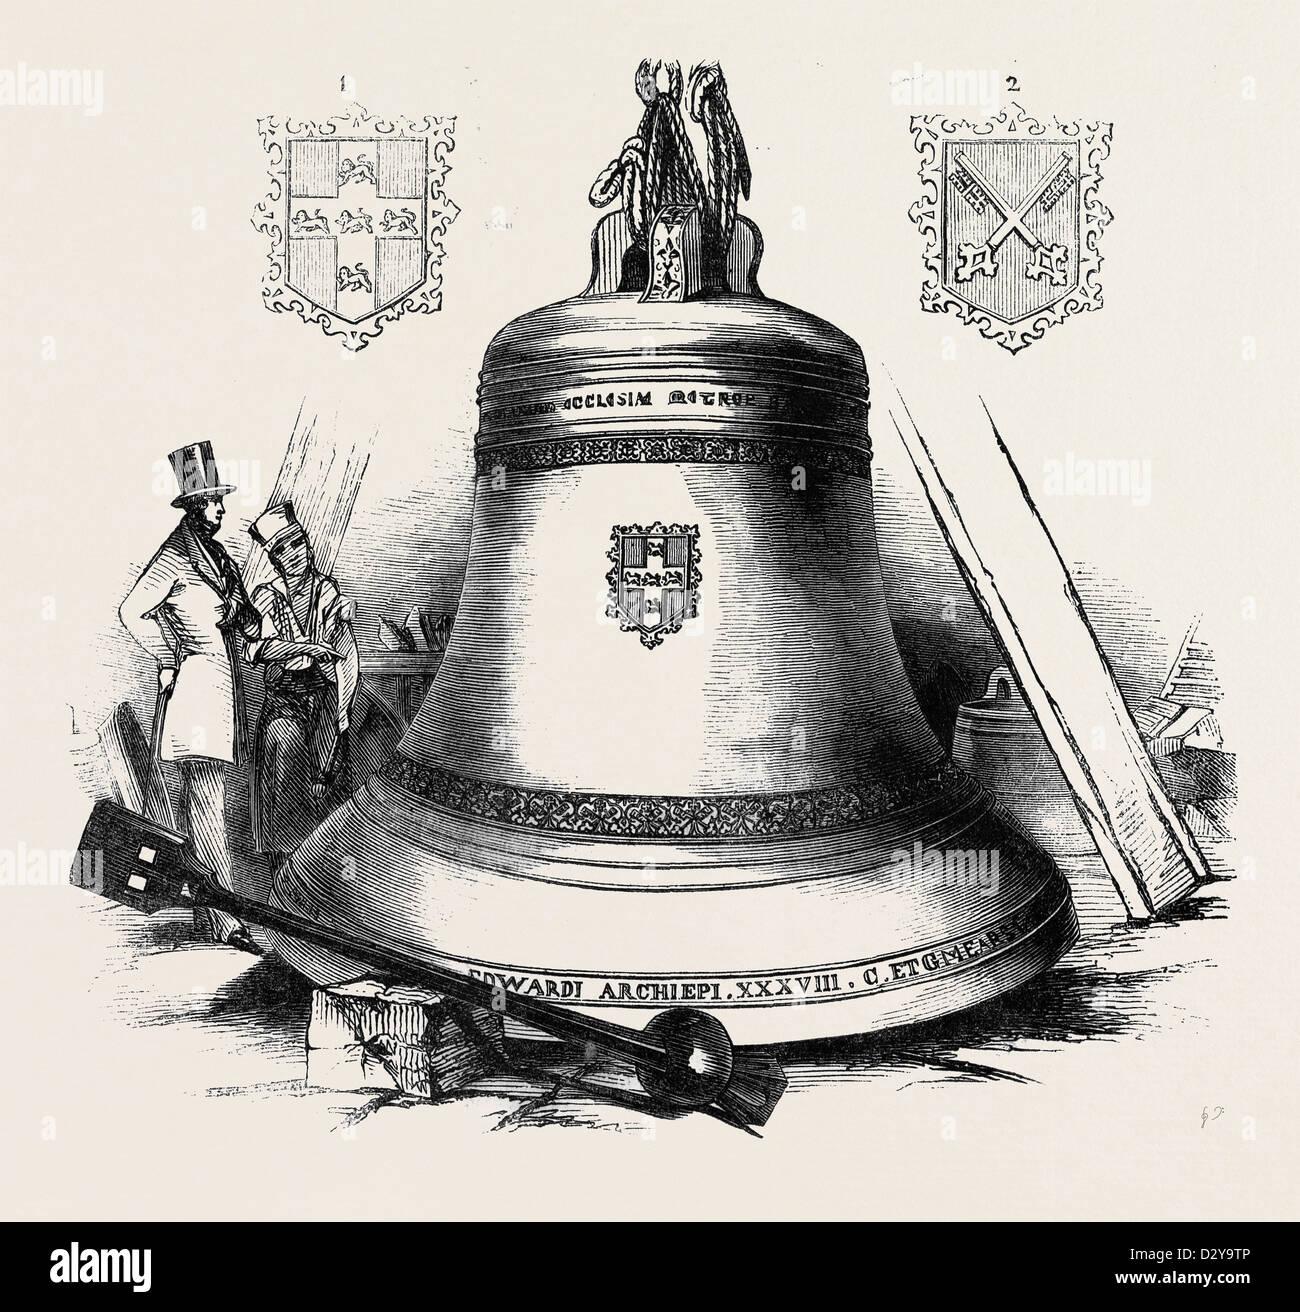 THE MONSTER BELL FOR YORK MINSTER. - Stock Image